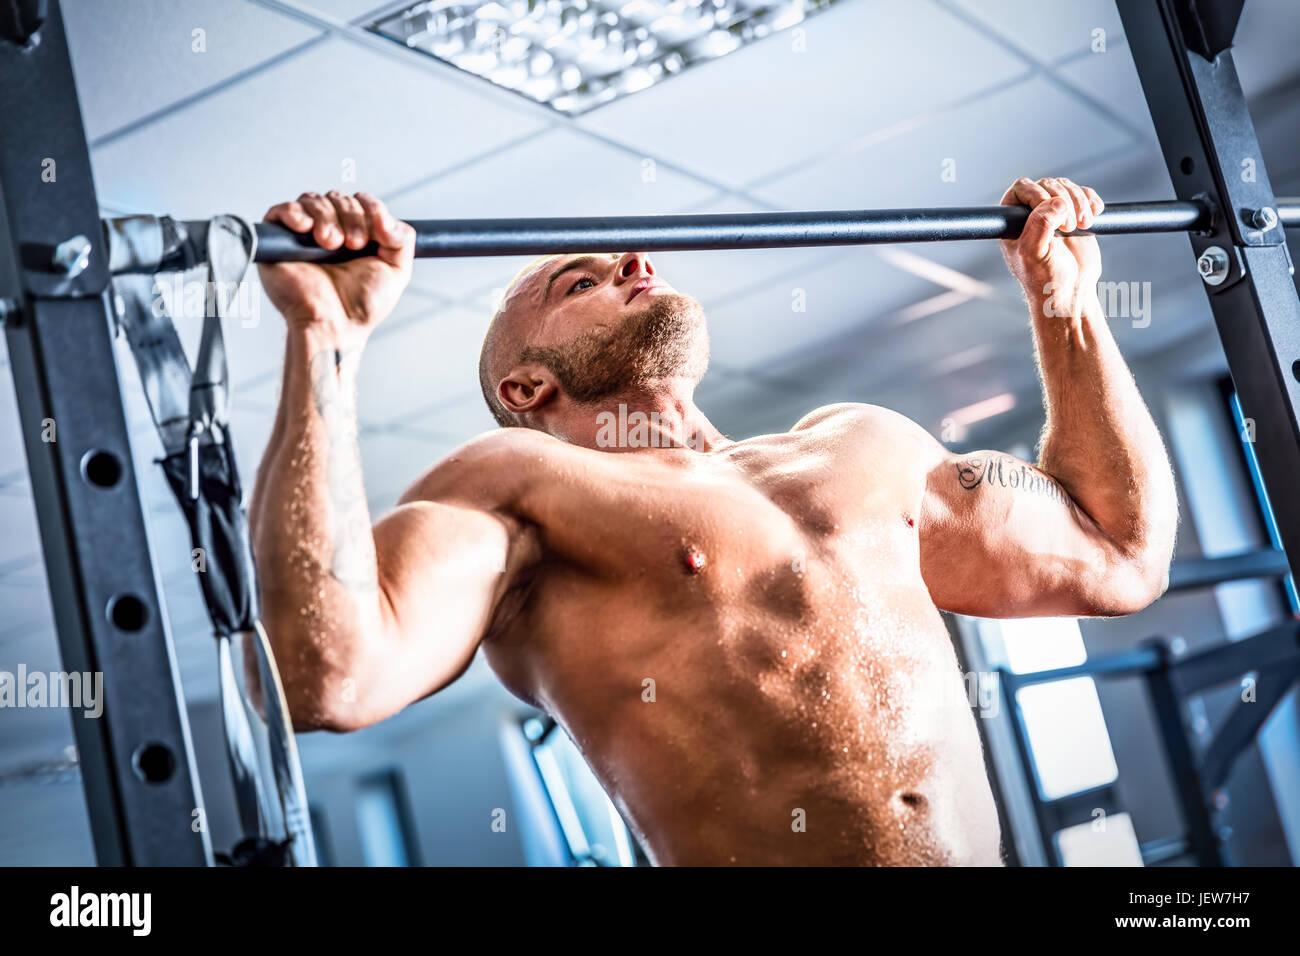 Muscoloso uomo forte della formazione in una palestra a. Crossfit chinup formazione. Bodybuilding e fatburning. Immagini Stock